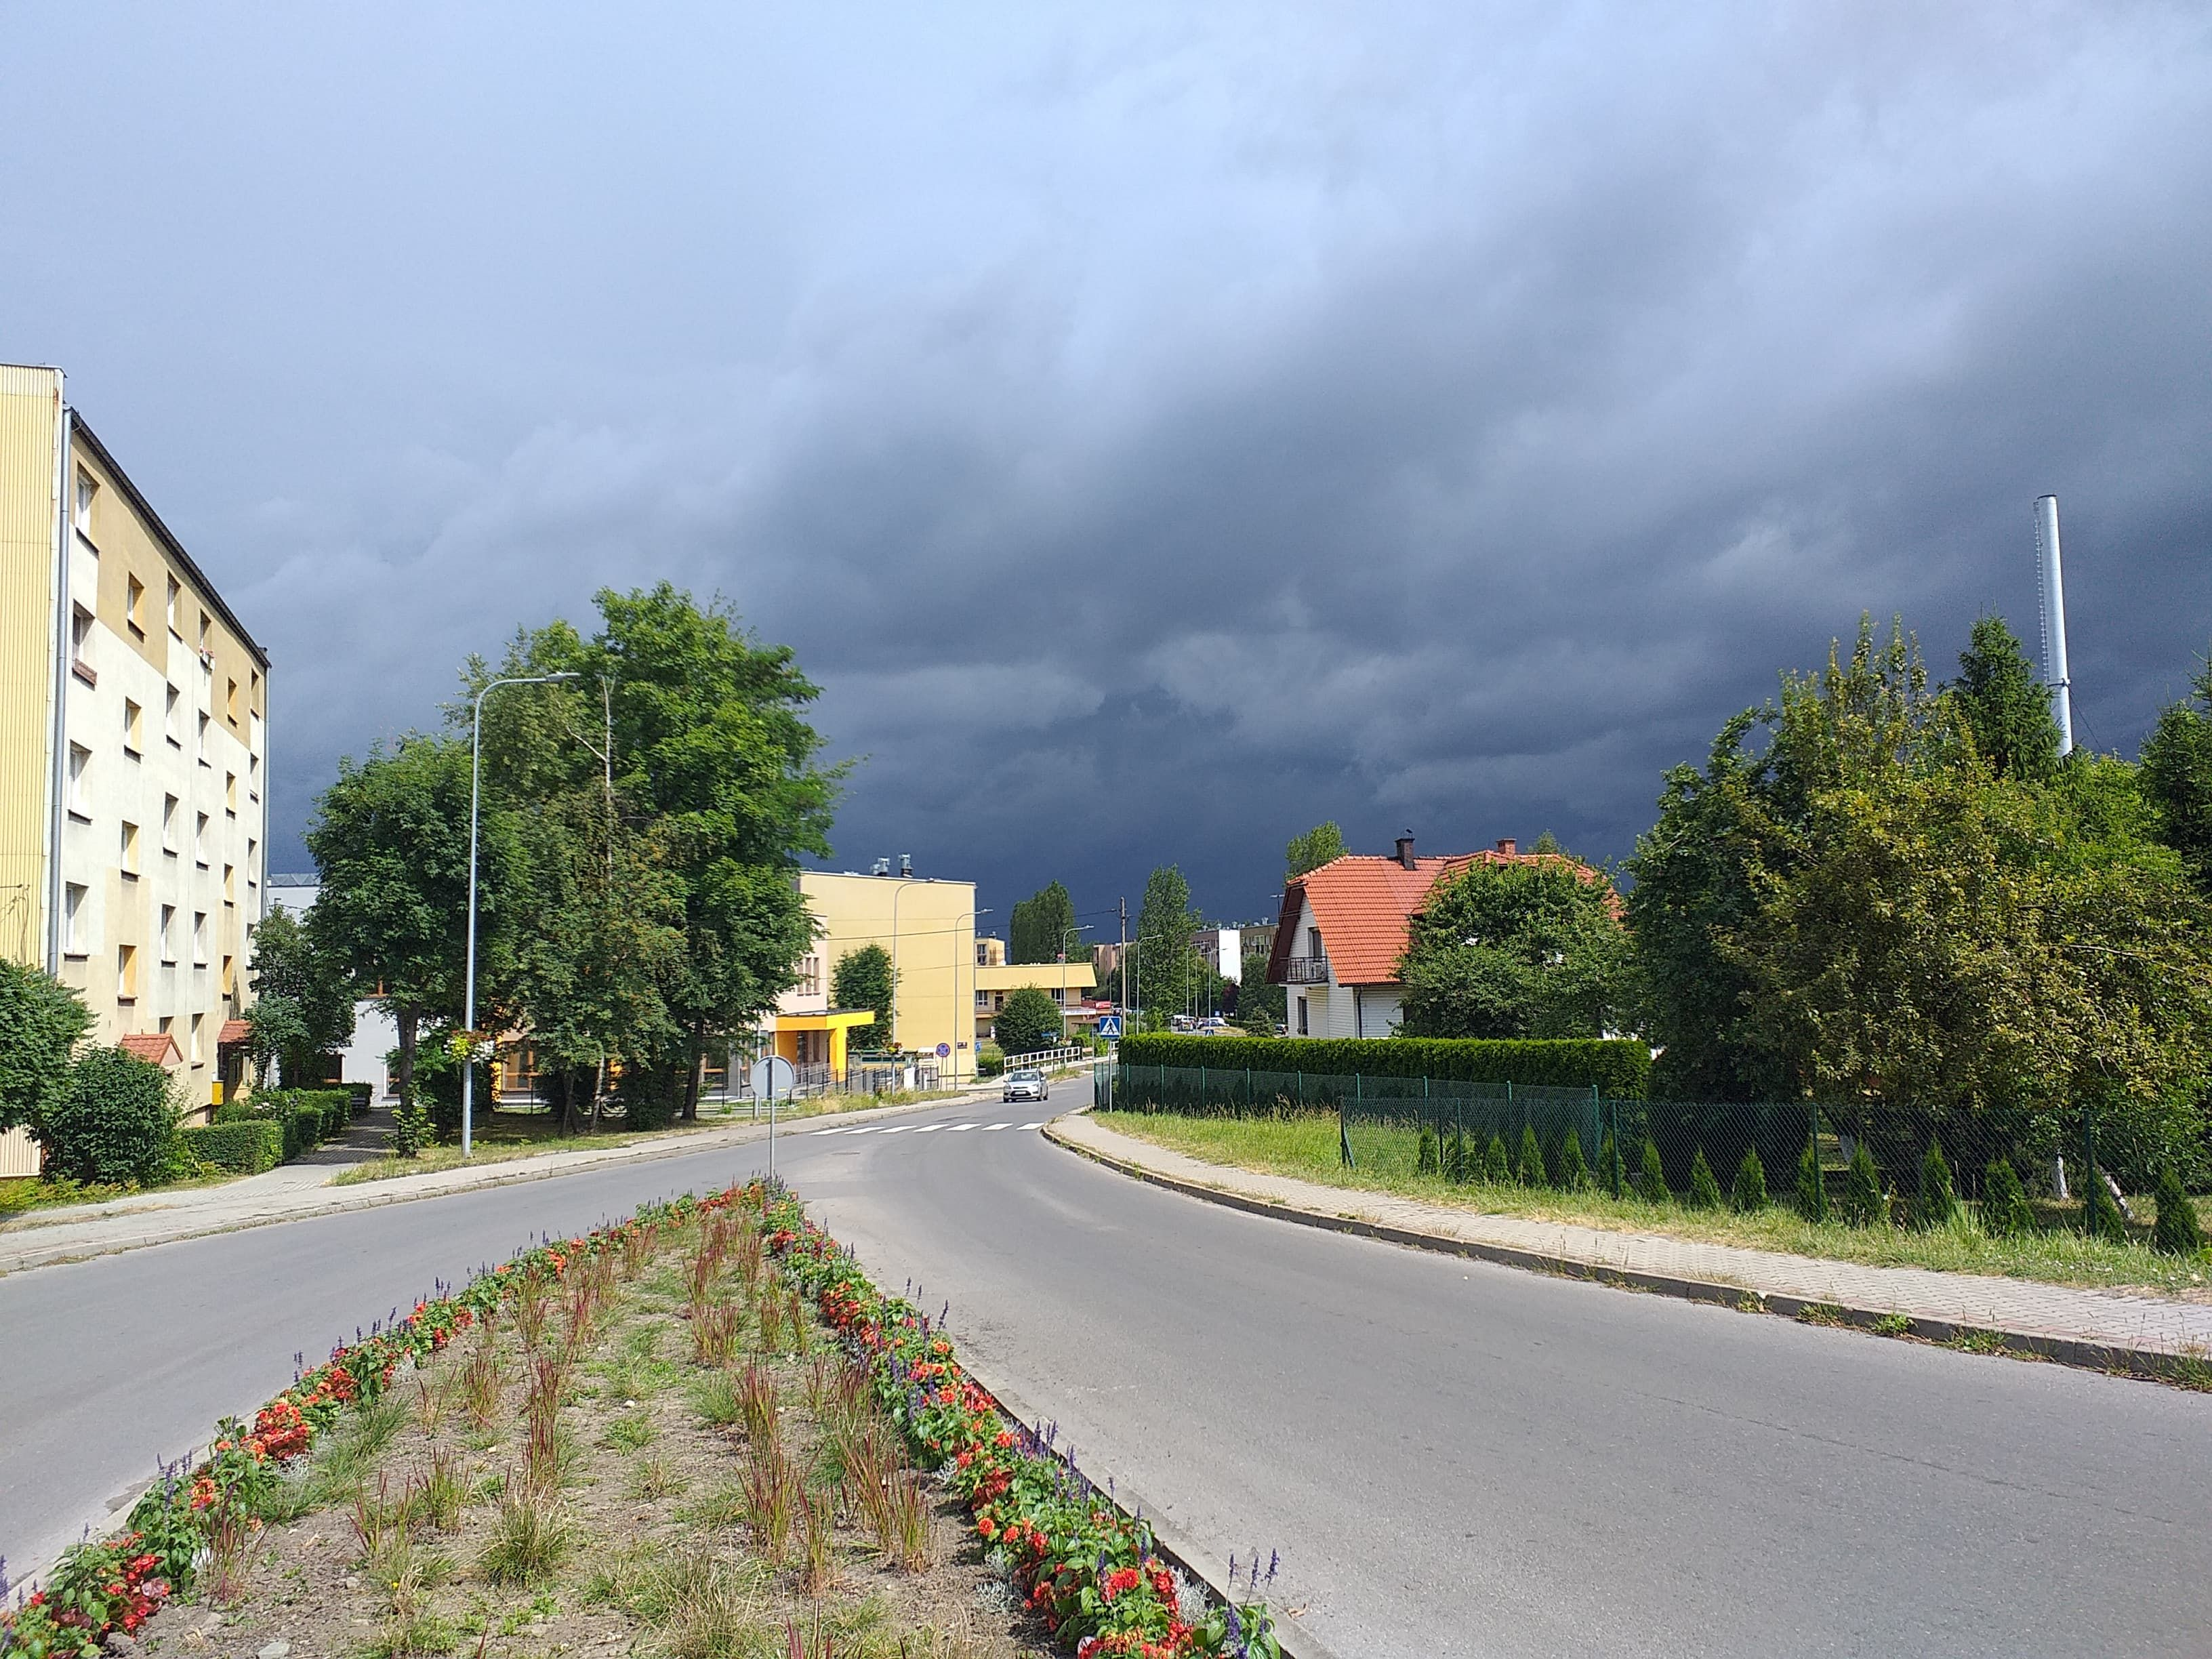 Deszcz, wiatr i grad. Ostrzeżenie o burzach w niedzielne popołudnie